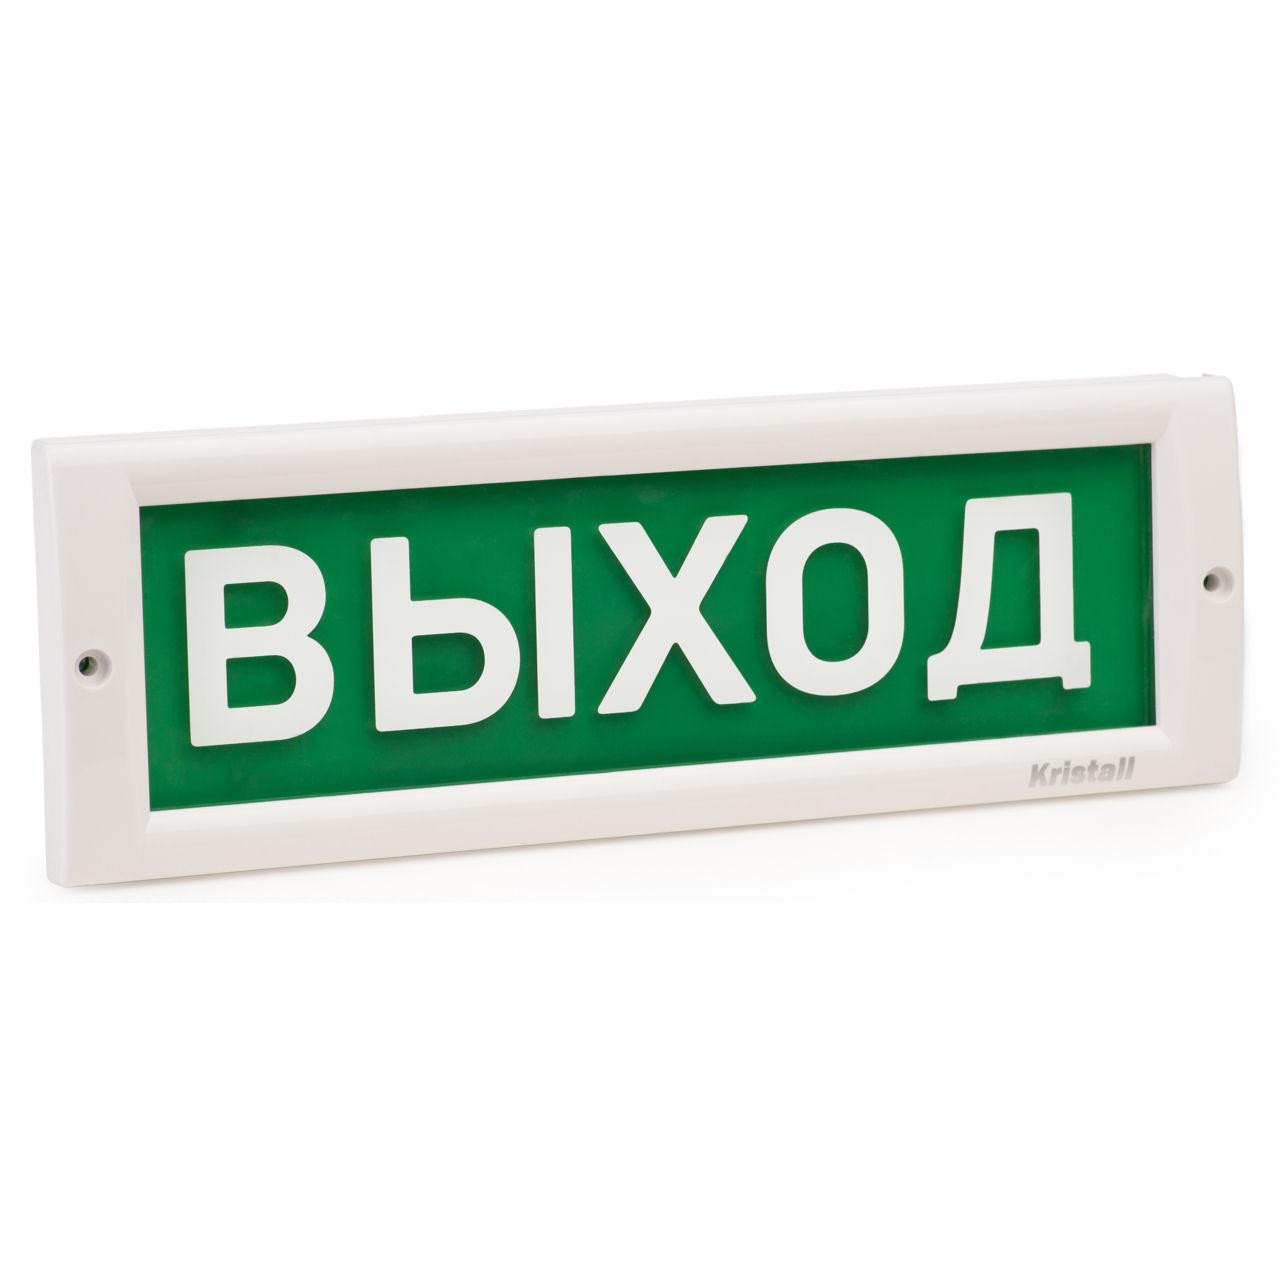 """картинка Табло Молния-12 """"ВЫХОД"""" от магазина"""